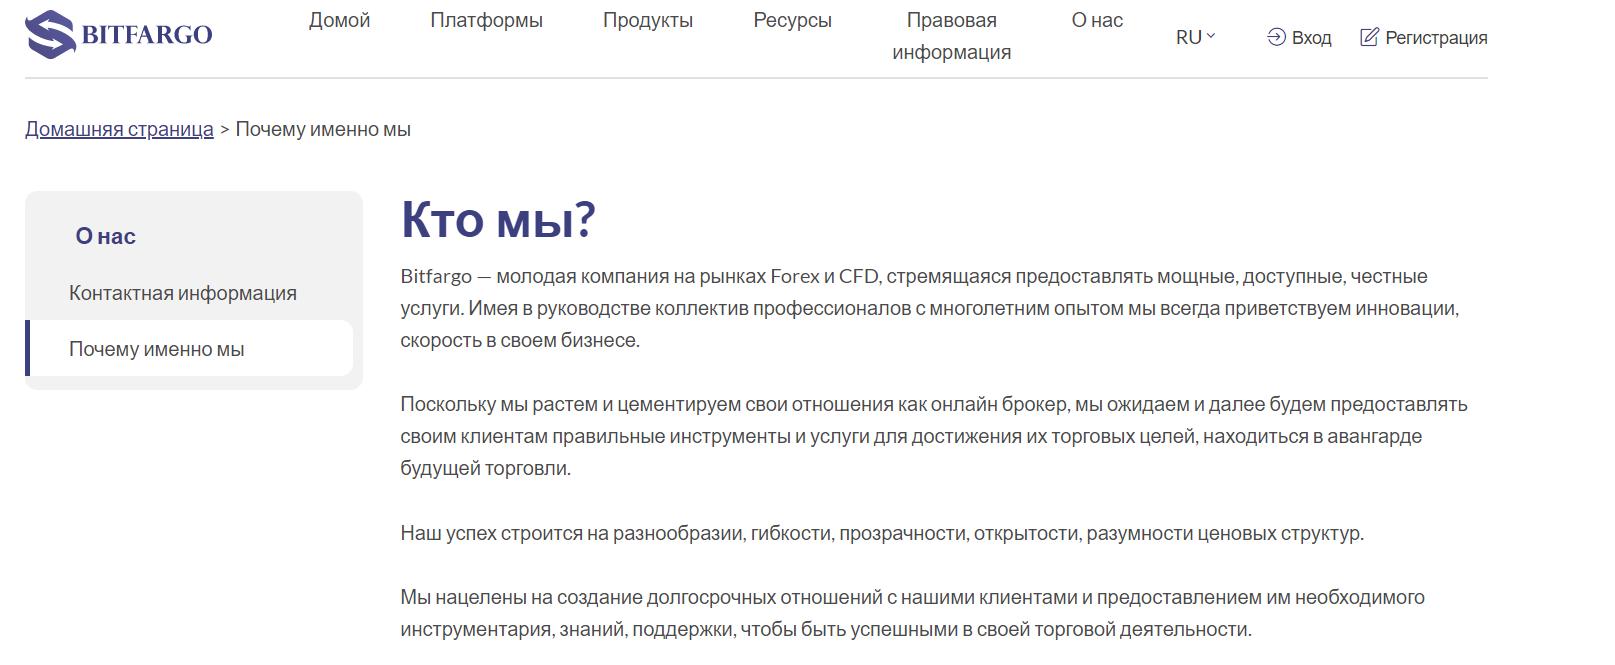 Отзывы о Bitfargo, обзор основных сведений — Обман? обзор